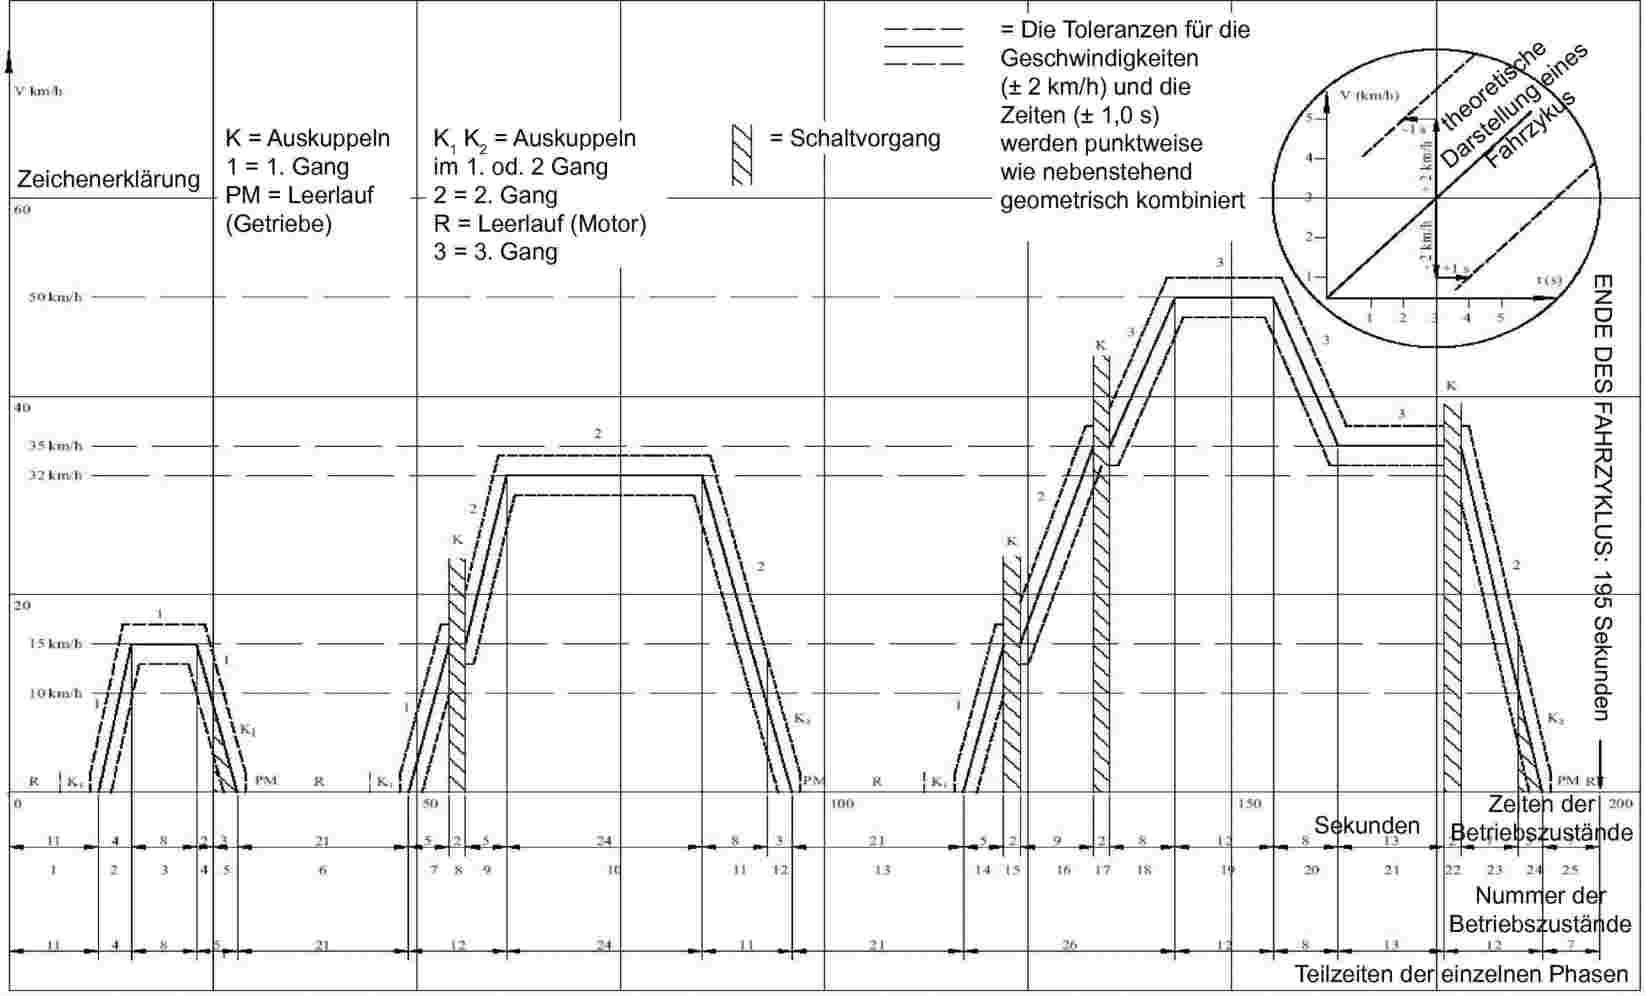 Großartig Indirektes Heizsystem Diagramm Bilder - Der Schaltplan ...